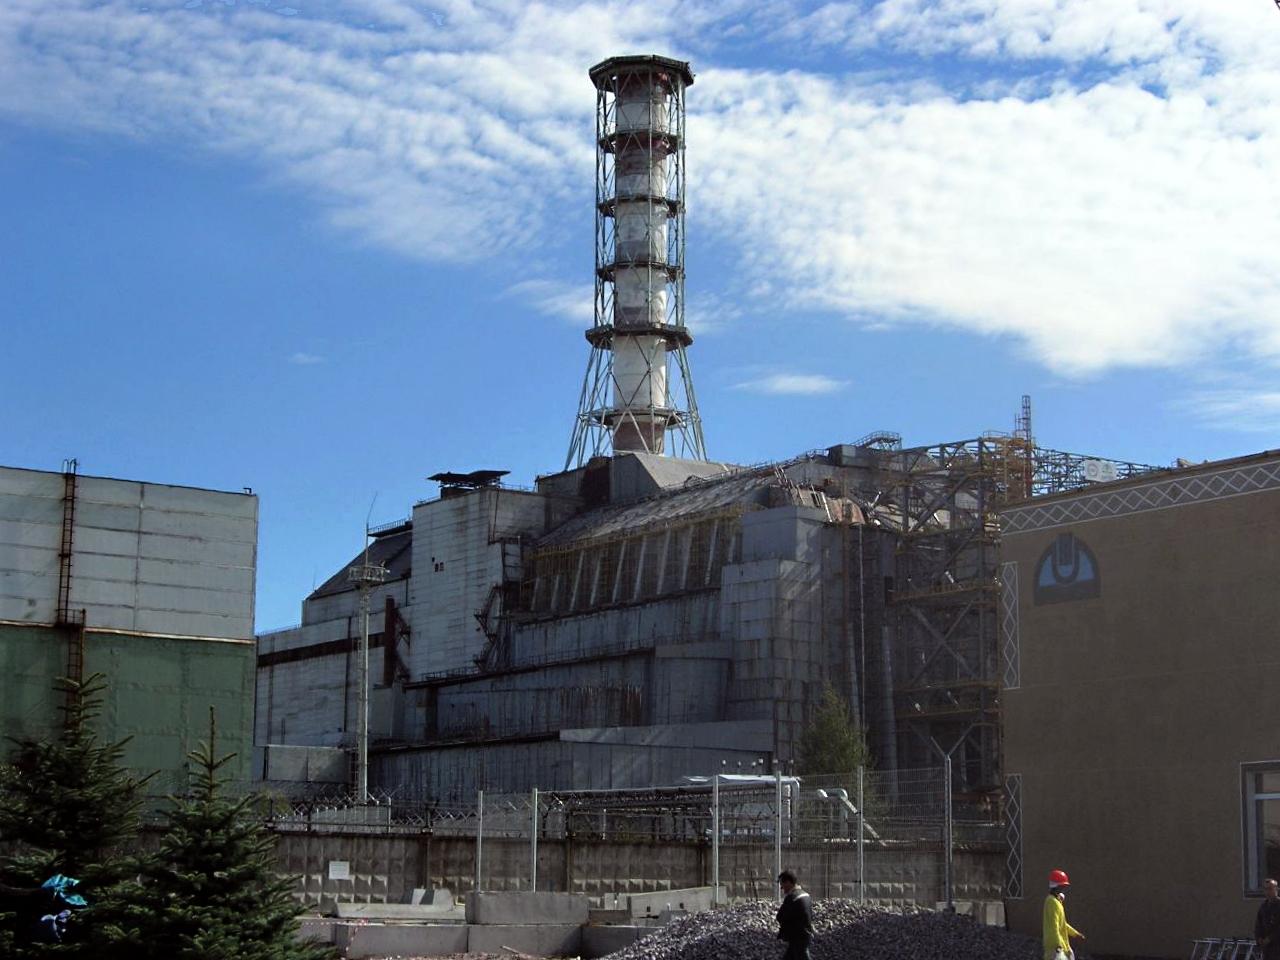 2-abra_chernobylreactor_4_blokk_szarkofag.jpg